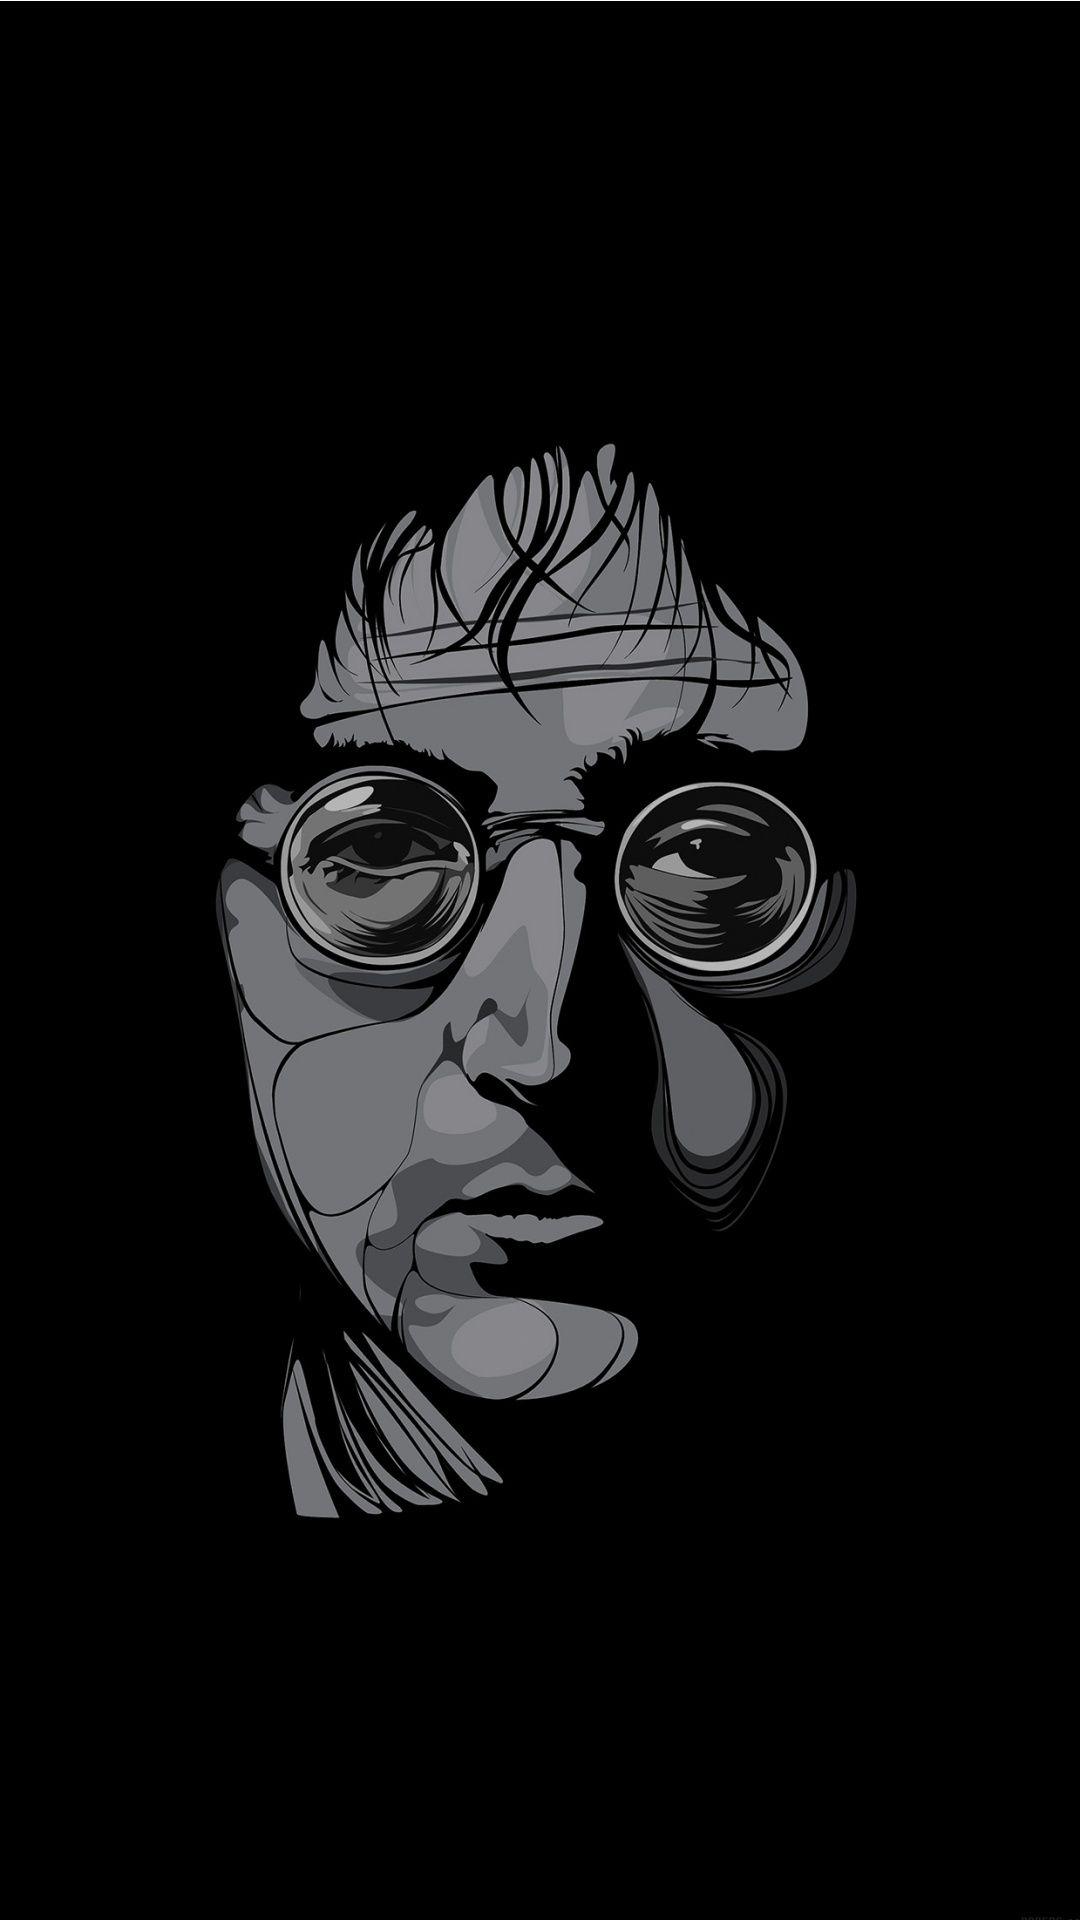 John Lennon Male Celebrity Black And White Wallpaper For IPhone